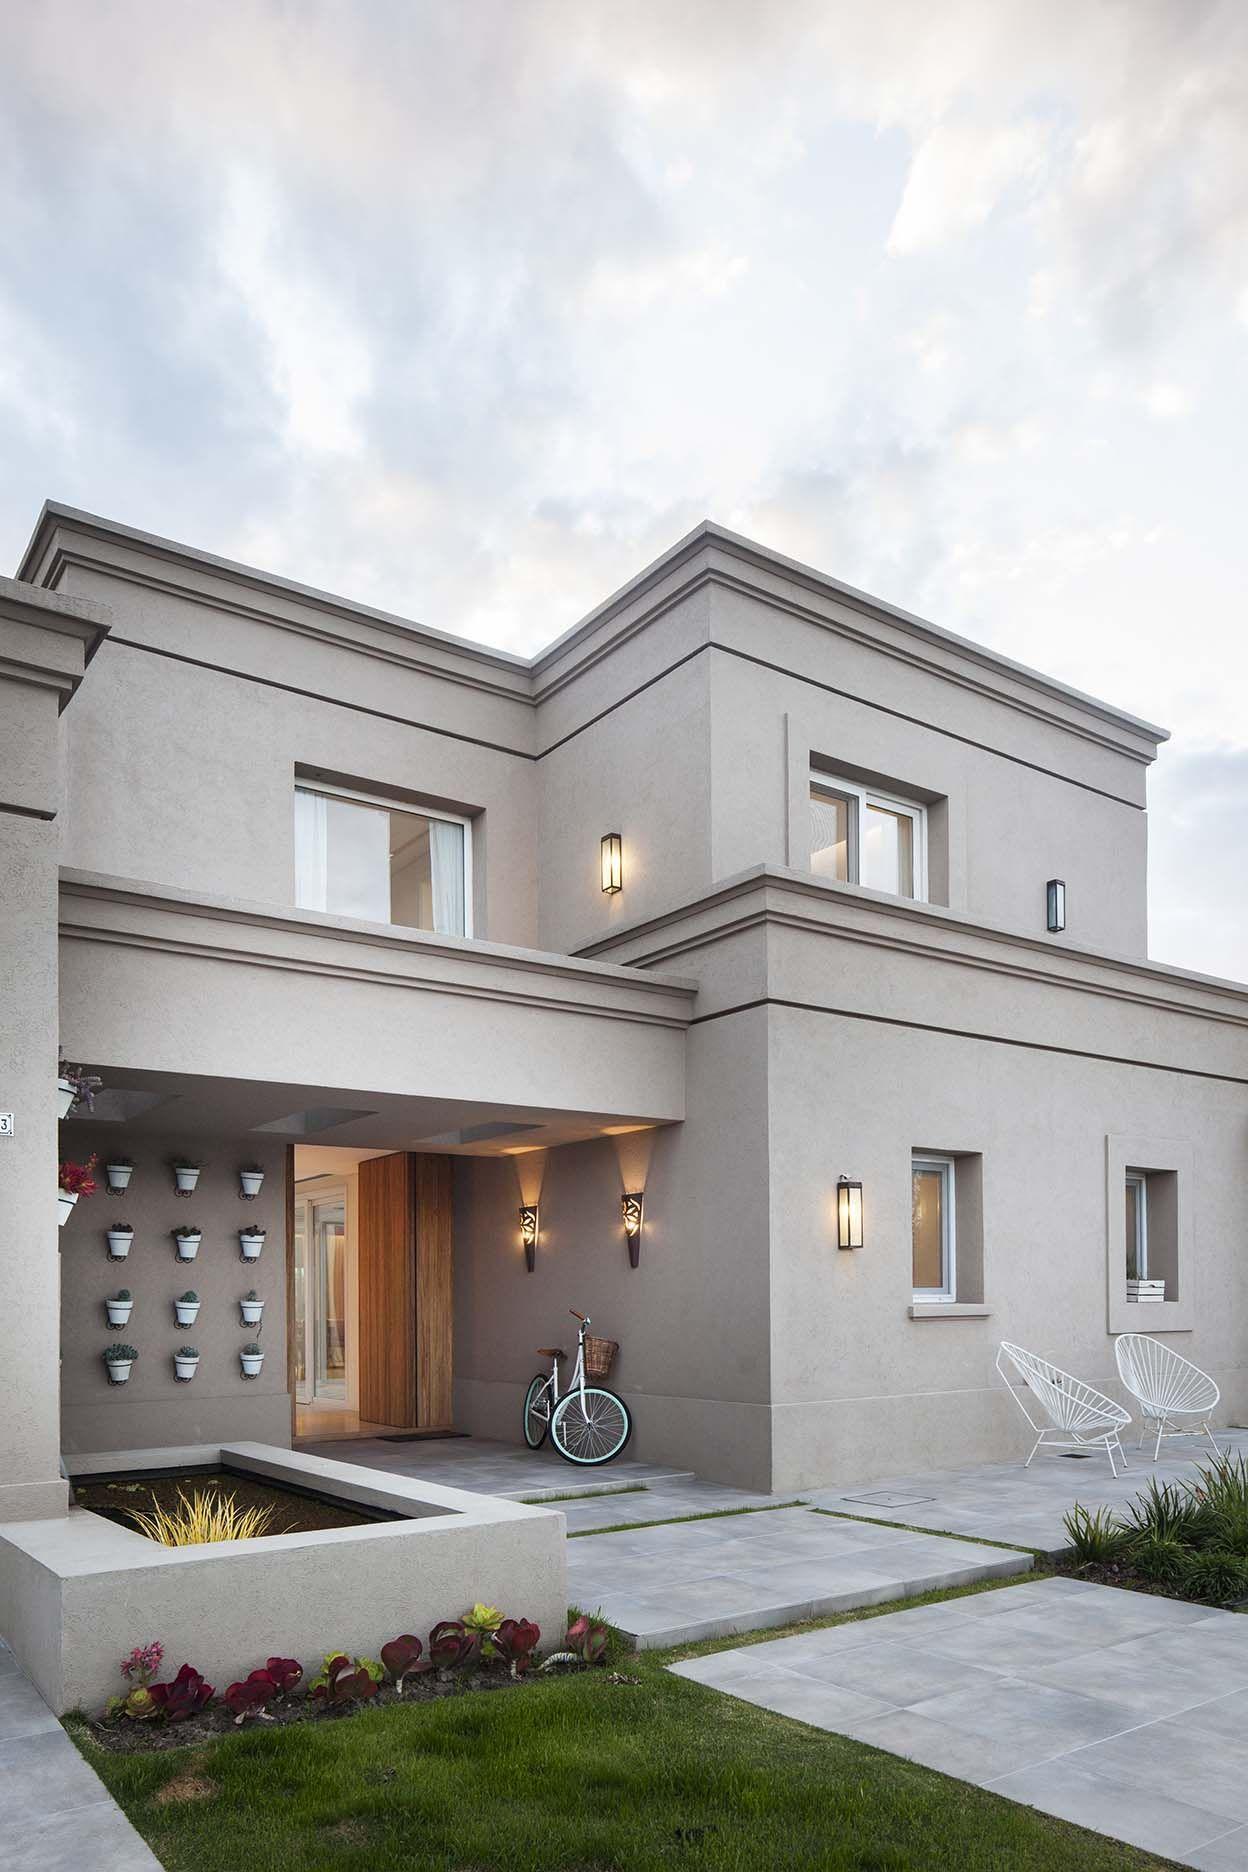 color exterior ricardo pereyra iraola buenos aires On idea de movimiento de tierra en frente de la casa